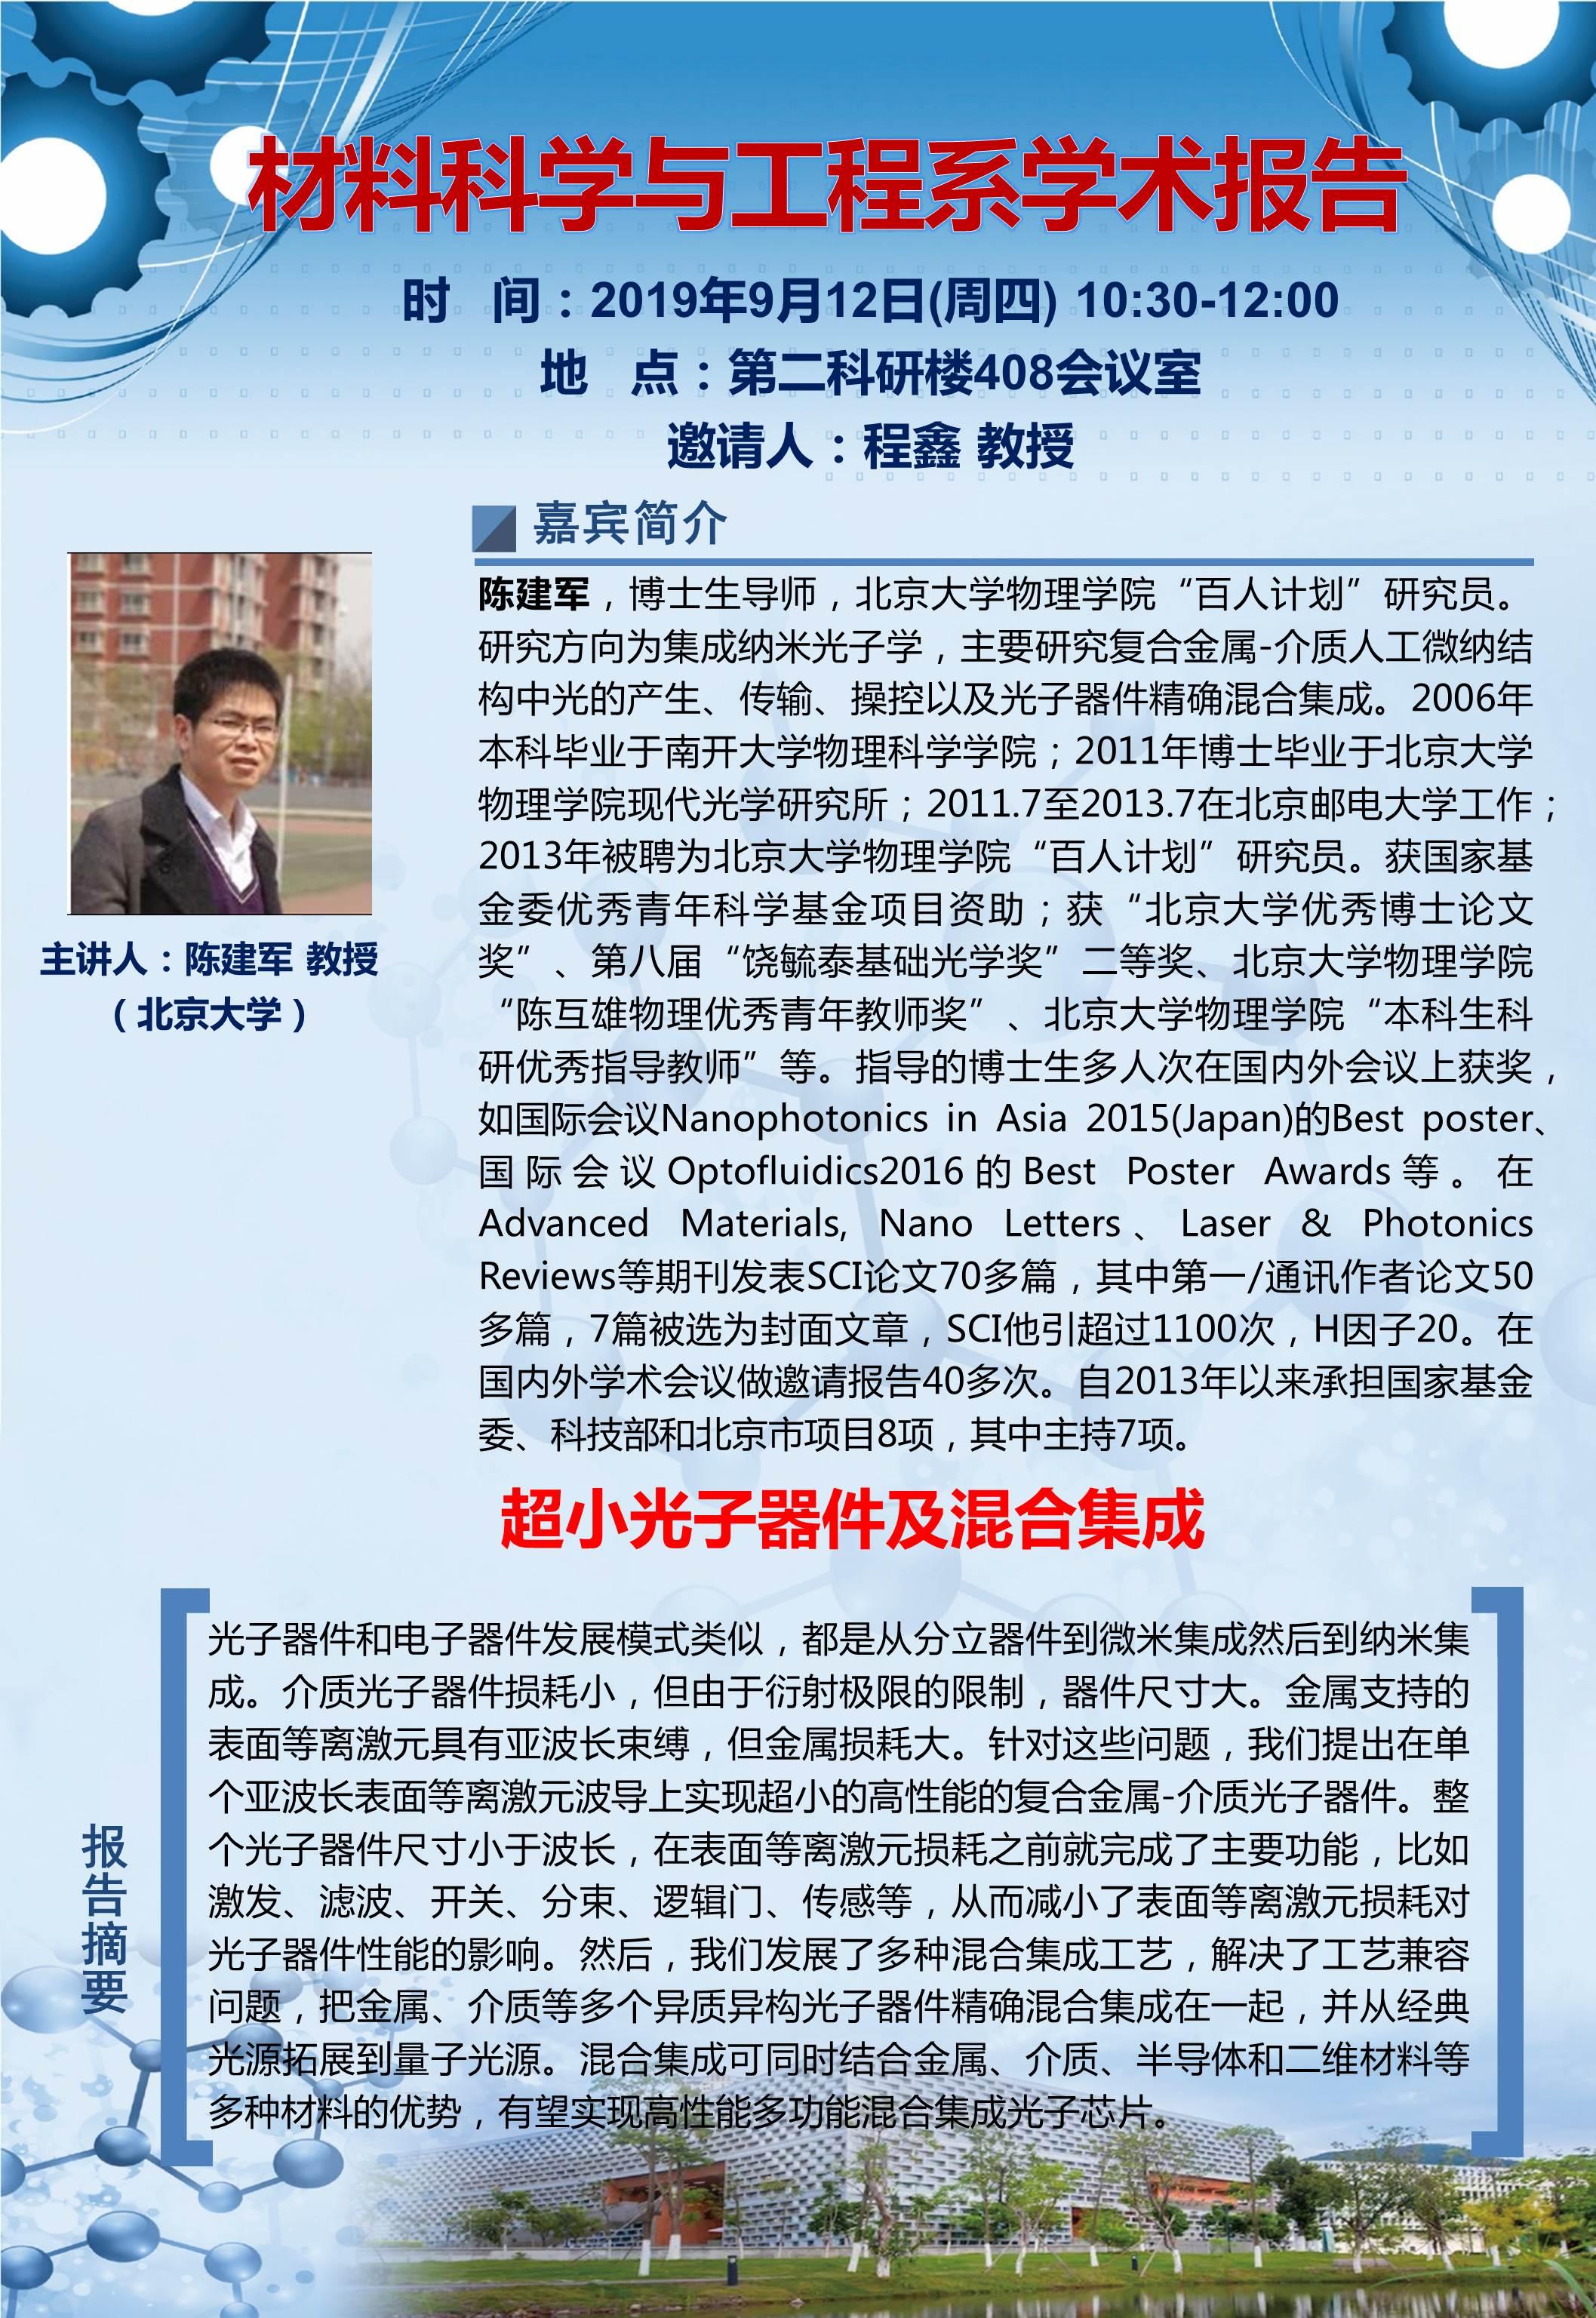 9月12日 10:30 陈建军教授 程鑫老师.jpg